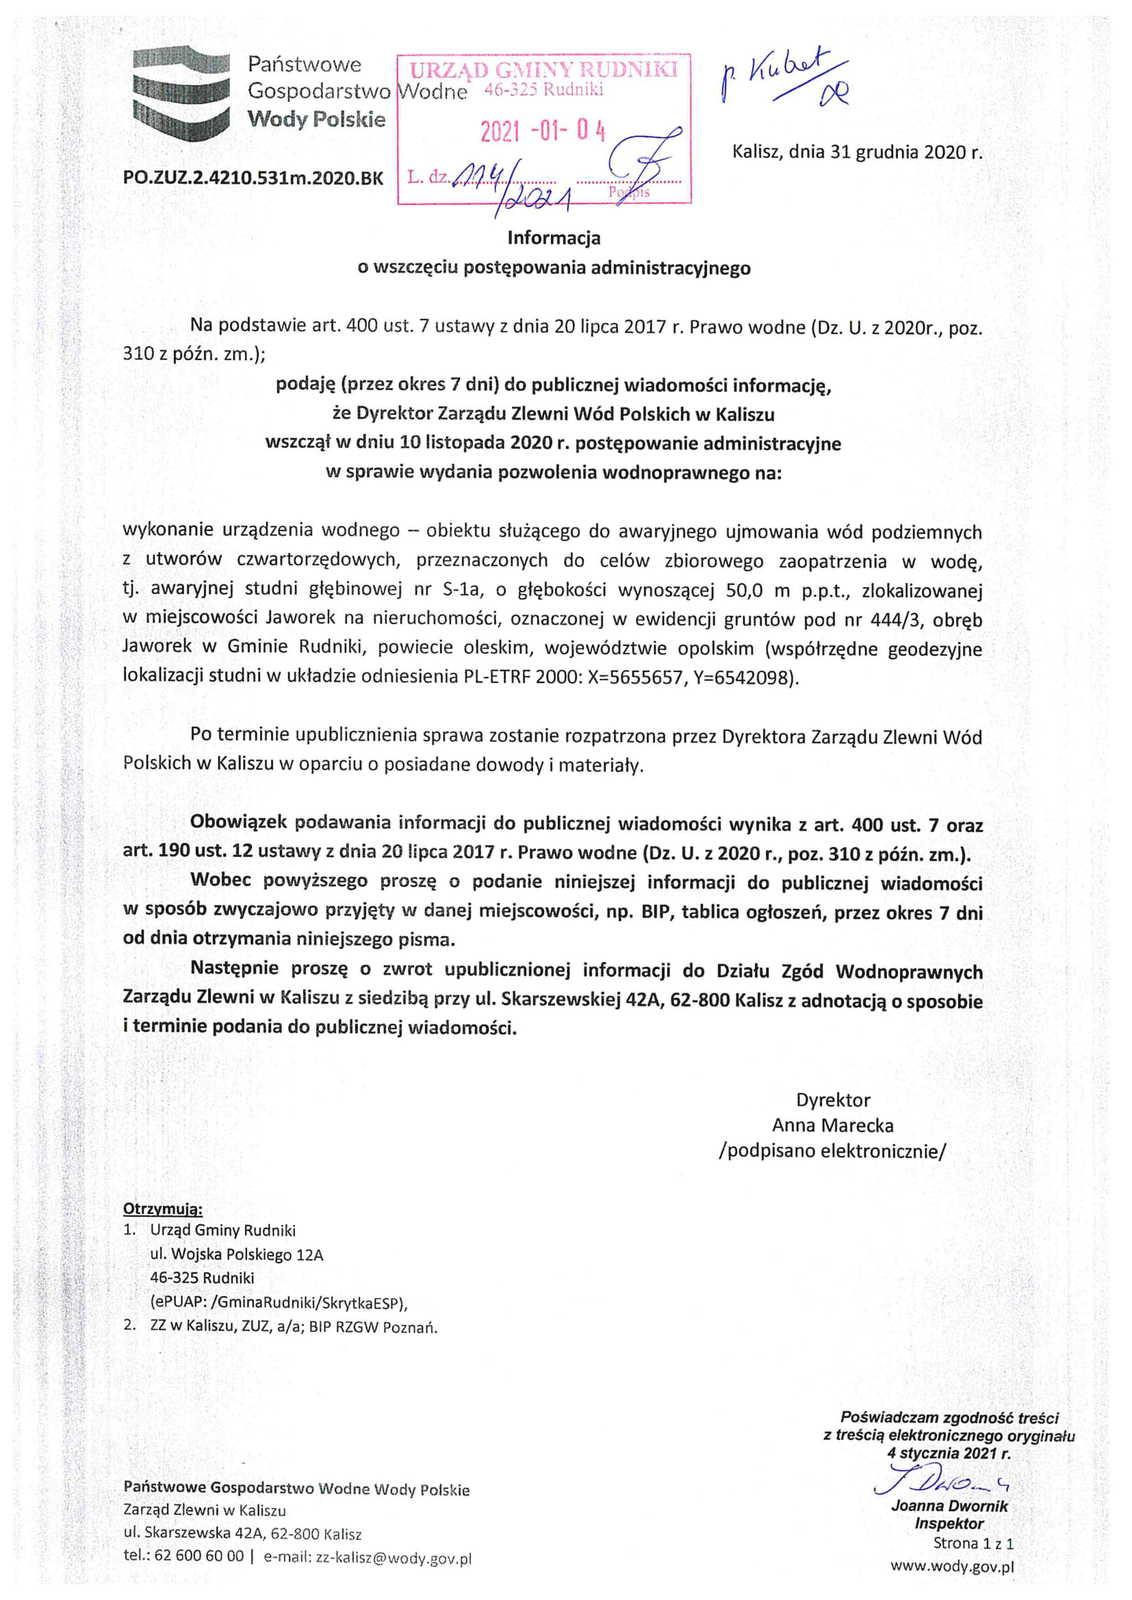 Informacja o wszczeciu postepowania administracyjnego-1.jpeg